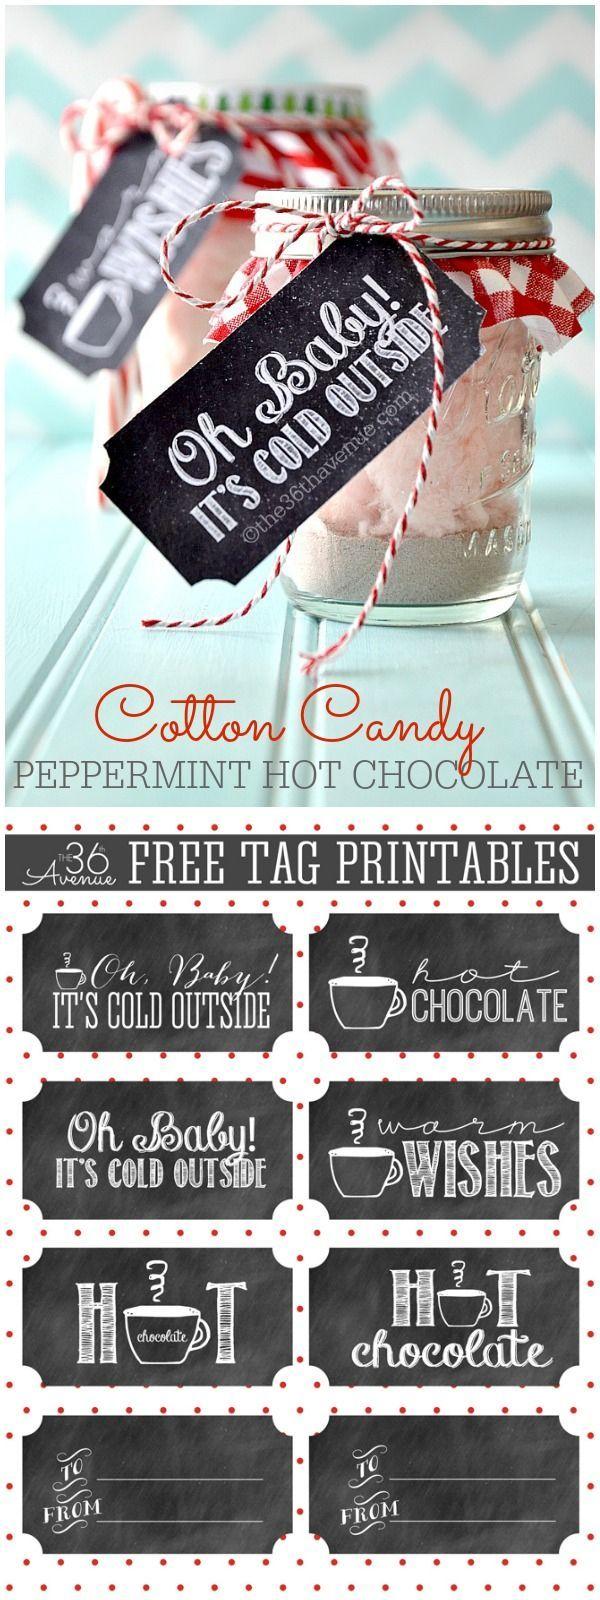 Cookie-jar Barattoli sorpresa davvero gustosi! Sul web, soprattutto su Pinterest, ci sono molte blogger e siti che propongono regali per i più golosi: le cookie-jar, i barattoli biscottosi! L'idea ...